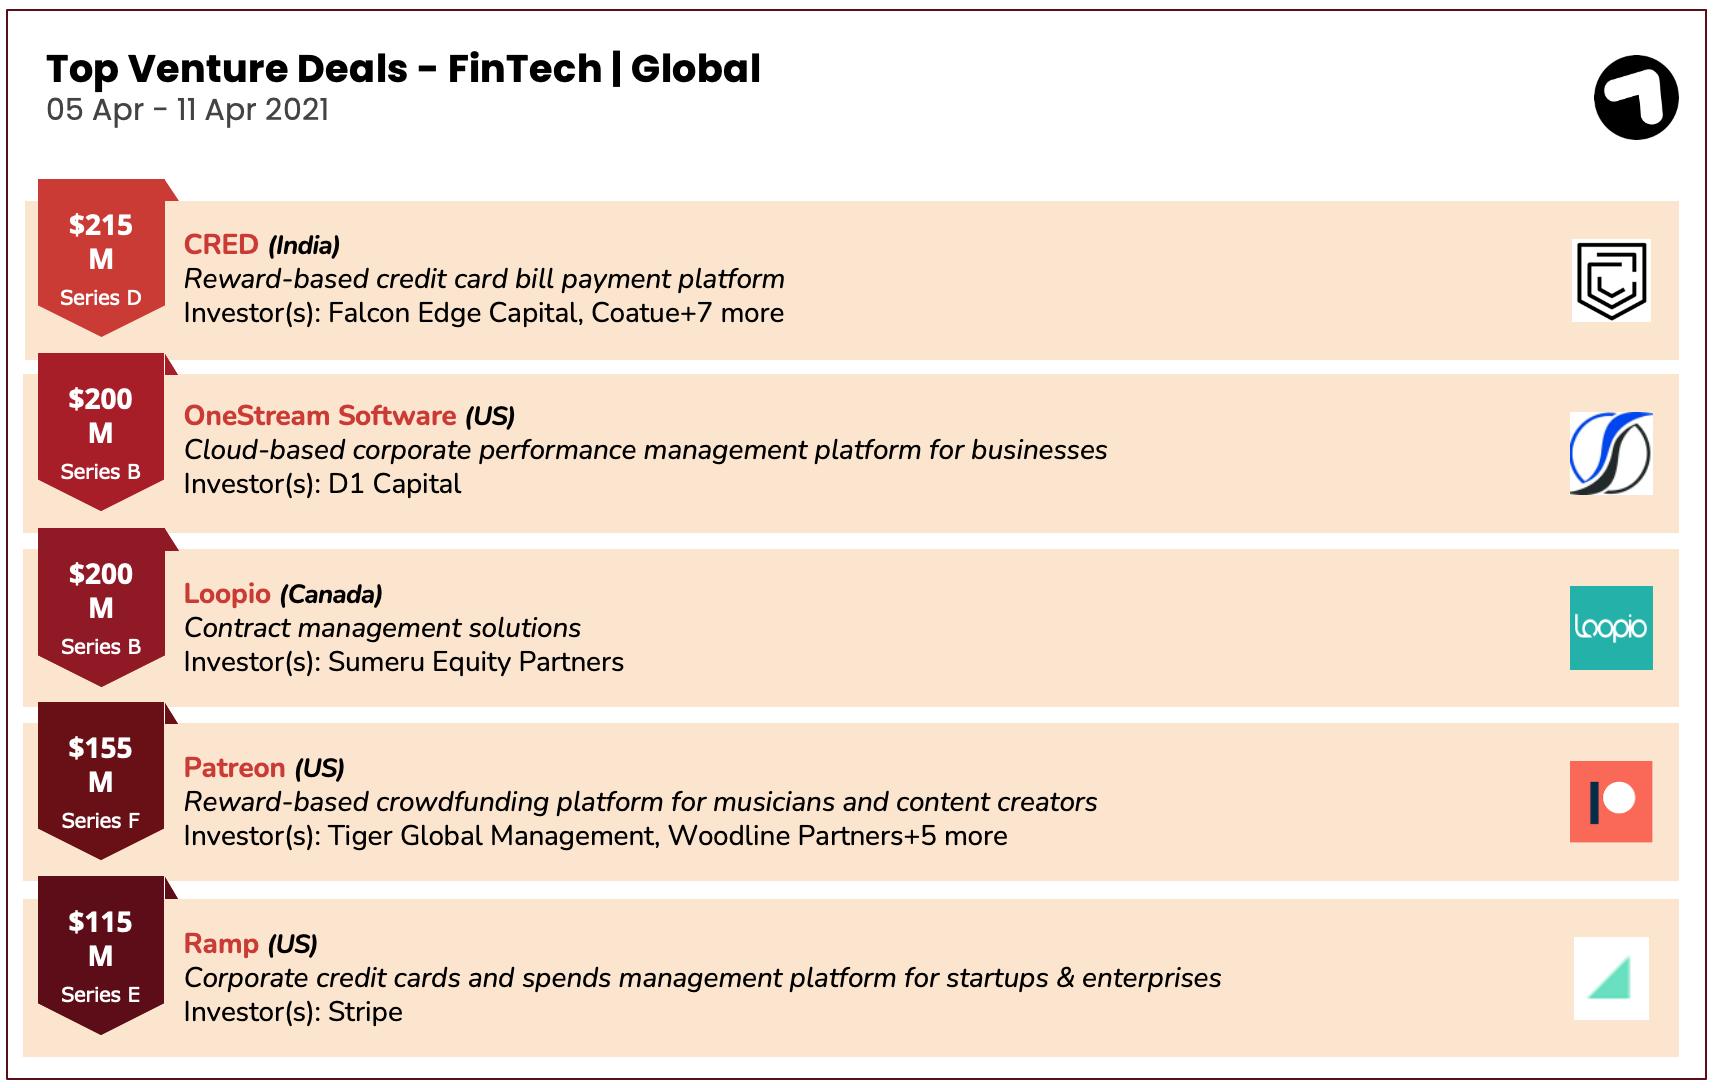 Fintech funding deals globally 5-11 April 2021